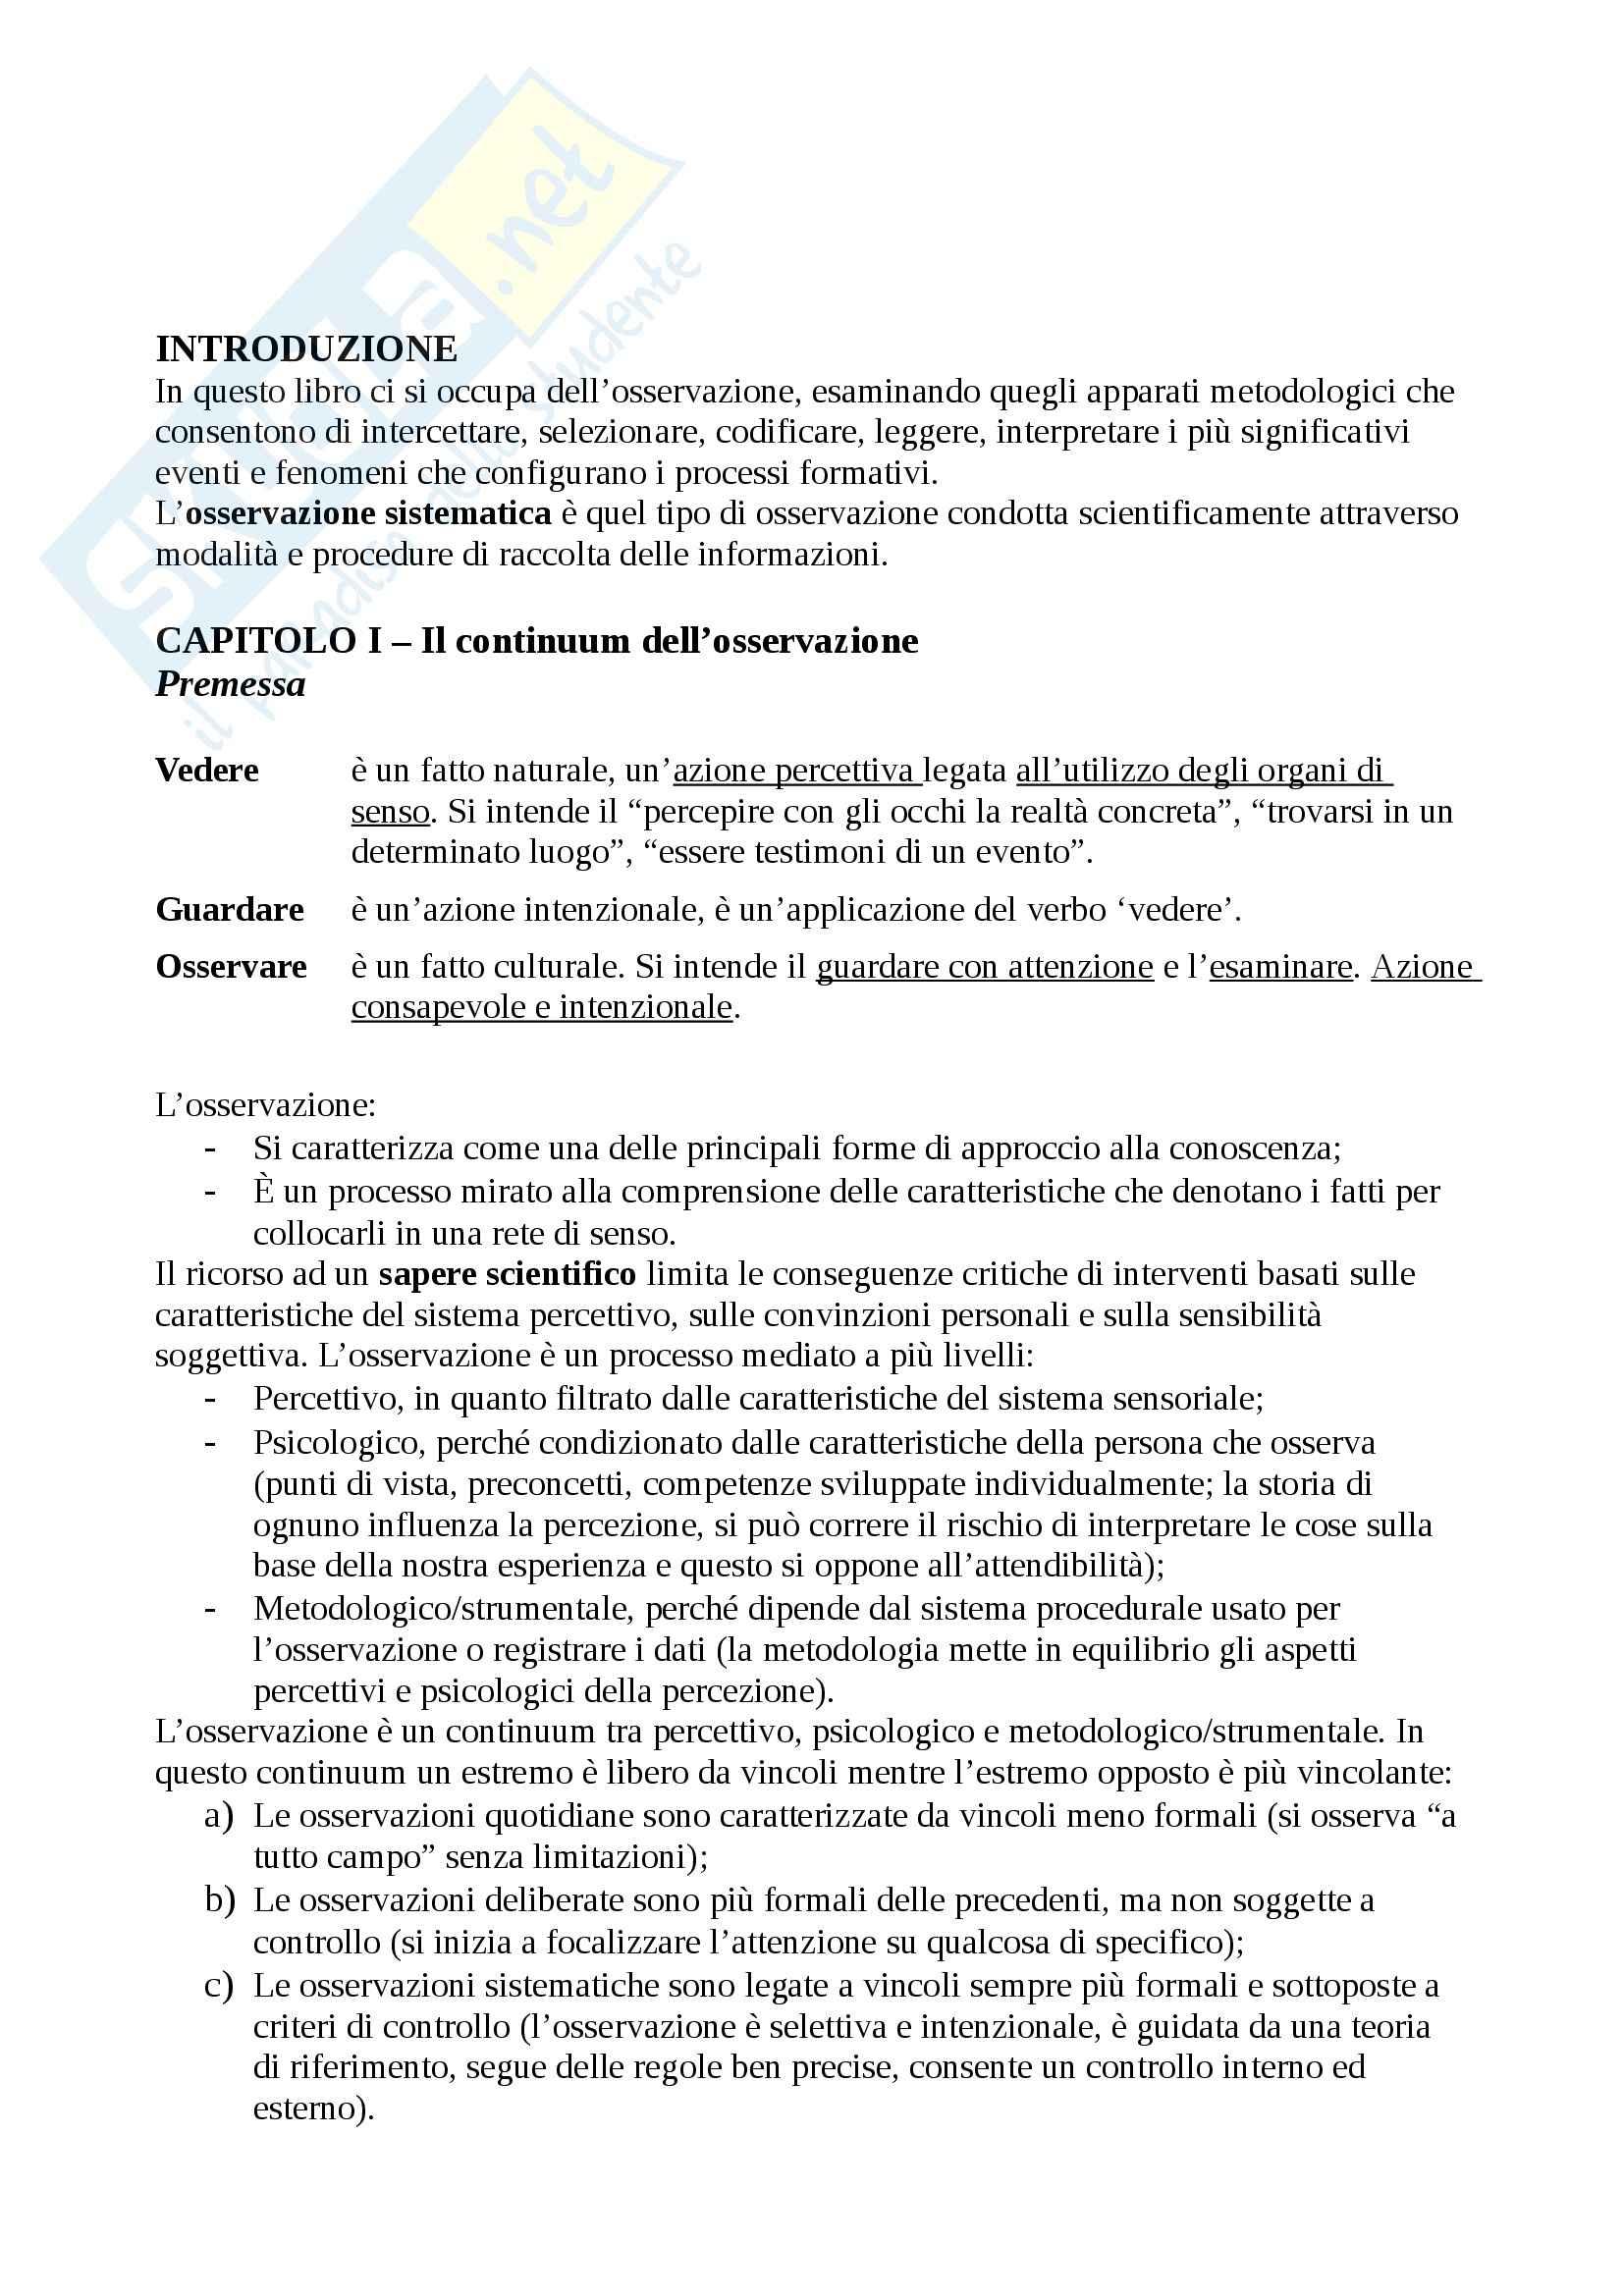 Riassunto esame Pedagogia Sperimentale e Valutazione Scolastica, prof. Olmetti, libro consigliato Il Metodo Osservativo nei Contesti Formativi di Peja